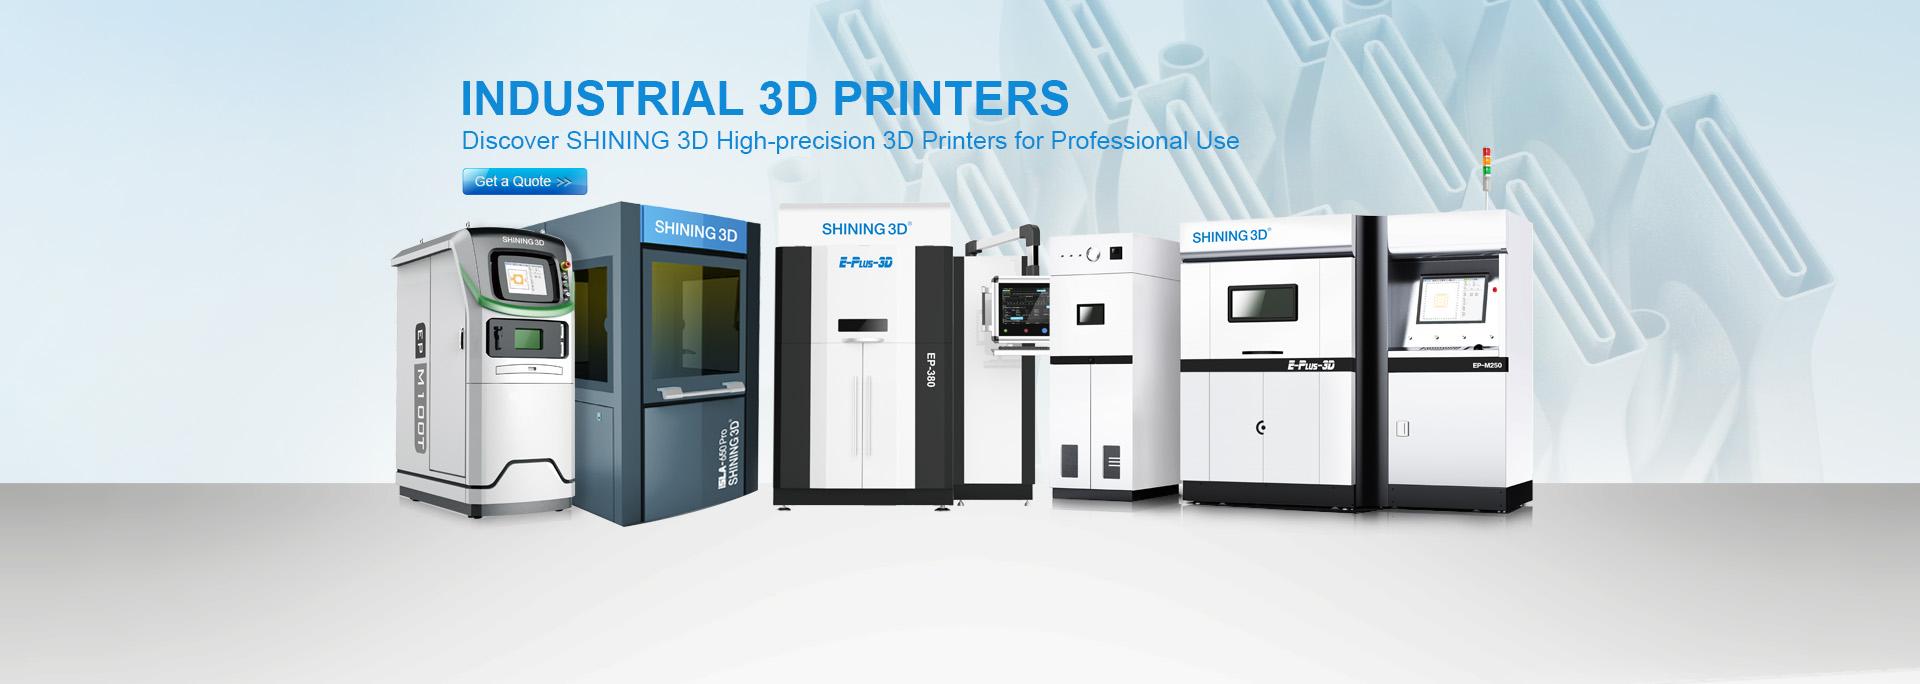 Máy in 3D công nghiệp được bán ở Việt Nam bao gồm máy in 3D FDM khổ lớn, máy in 3D SLA khổ lớn, máy in 3D kim loại (máy in 3D SLM), liên hệ báo giá ngay...